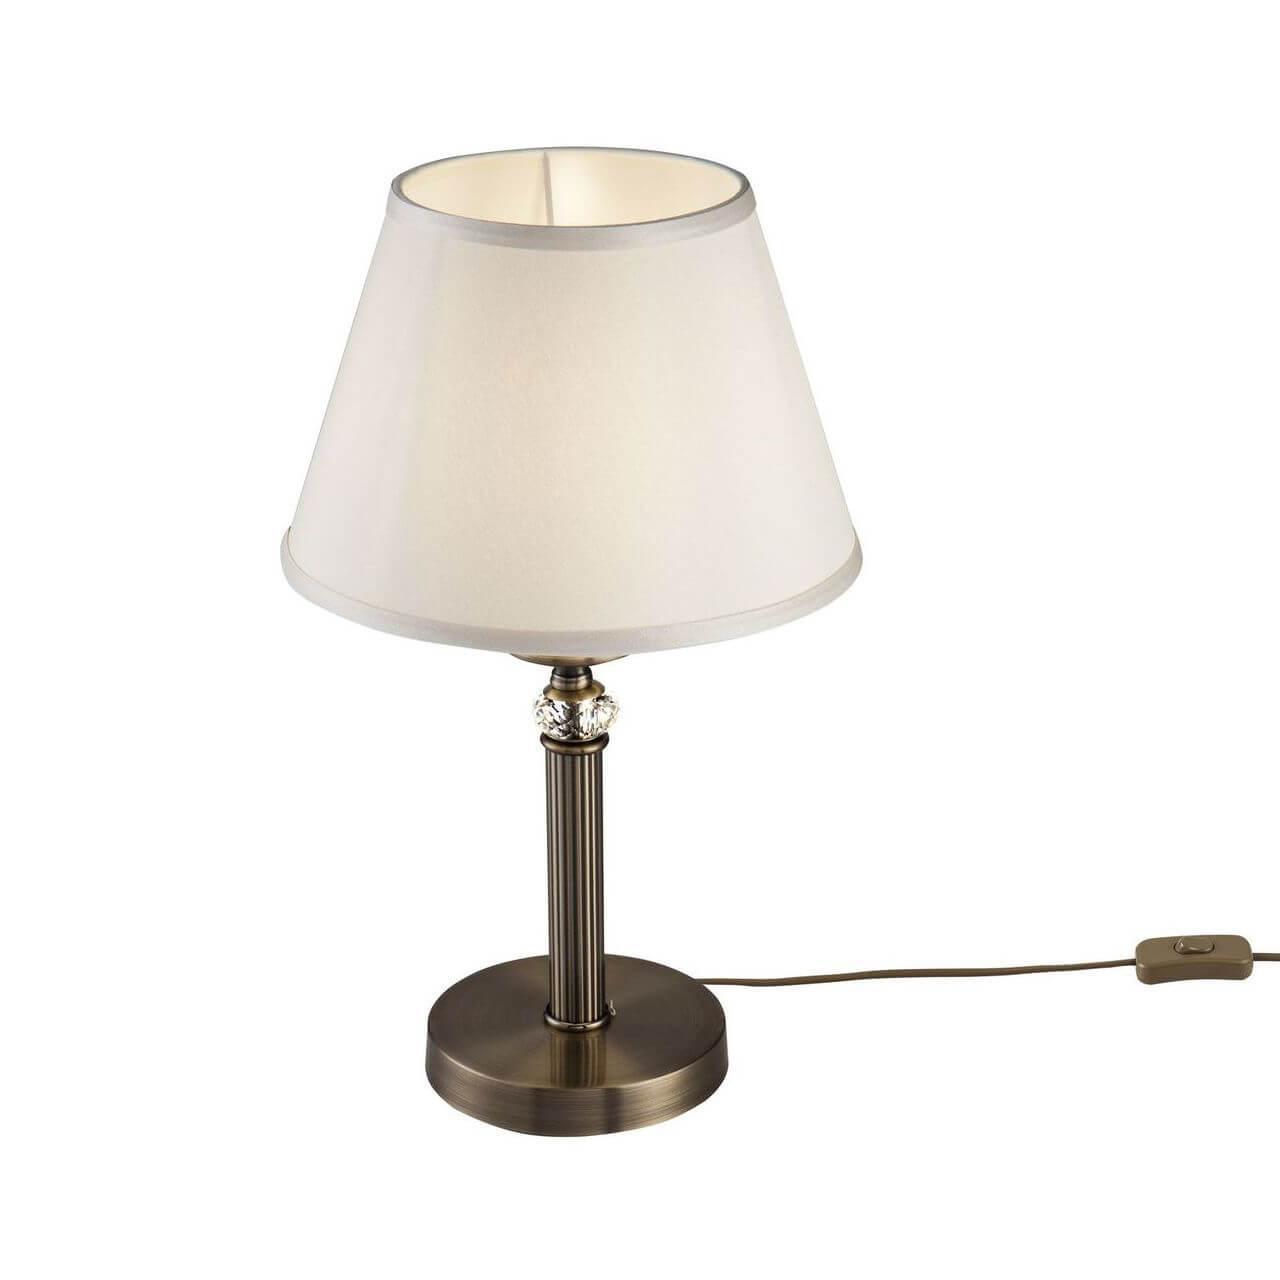 цены на Настольный светильник Freya FR2016TL-01BZ, E14, 40 Вт  в интернет-магазинах